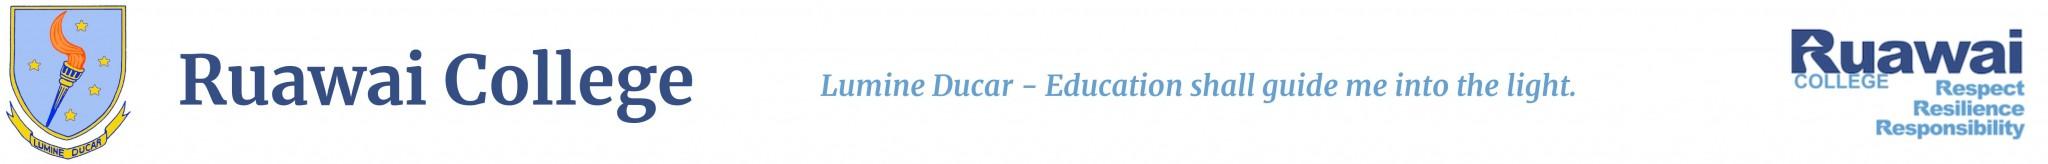 Ruawai College